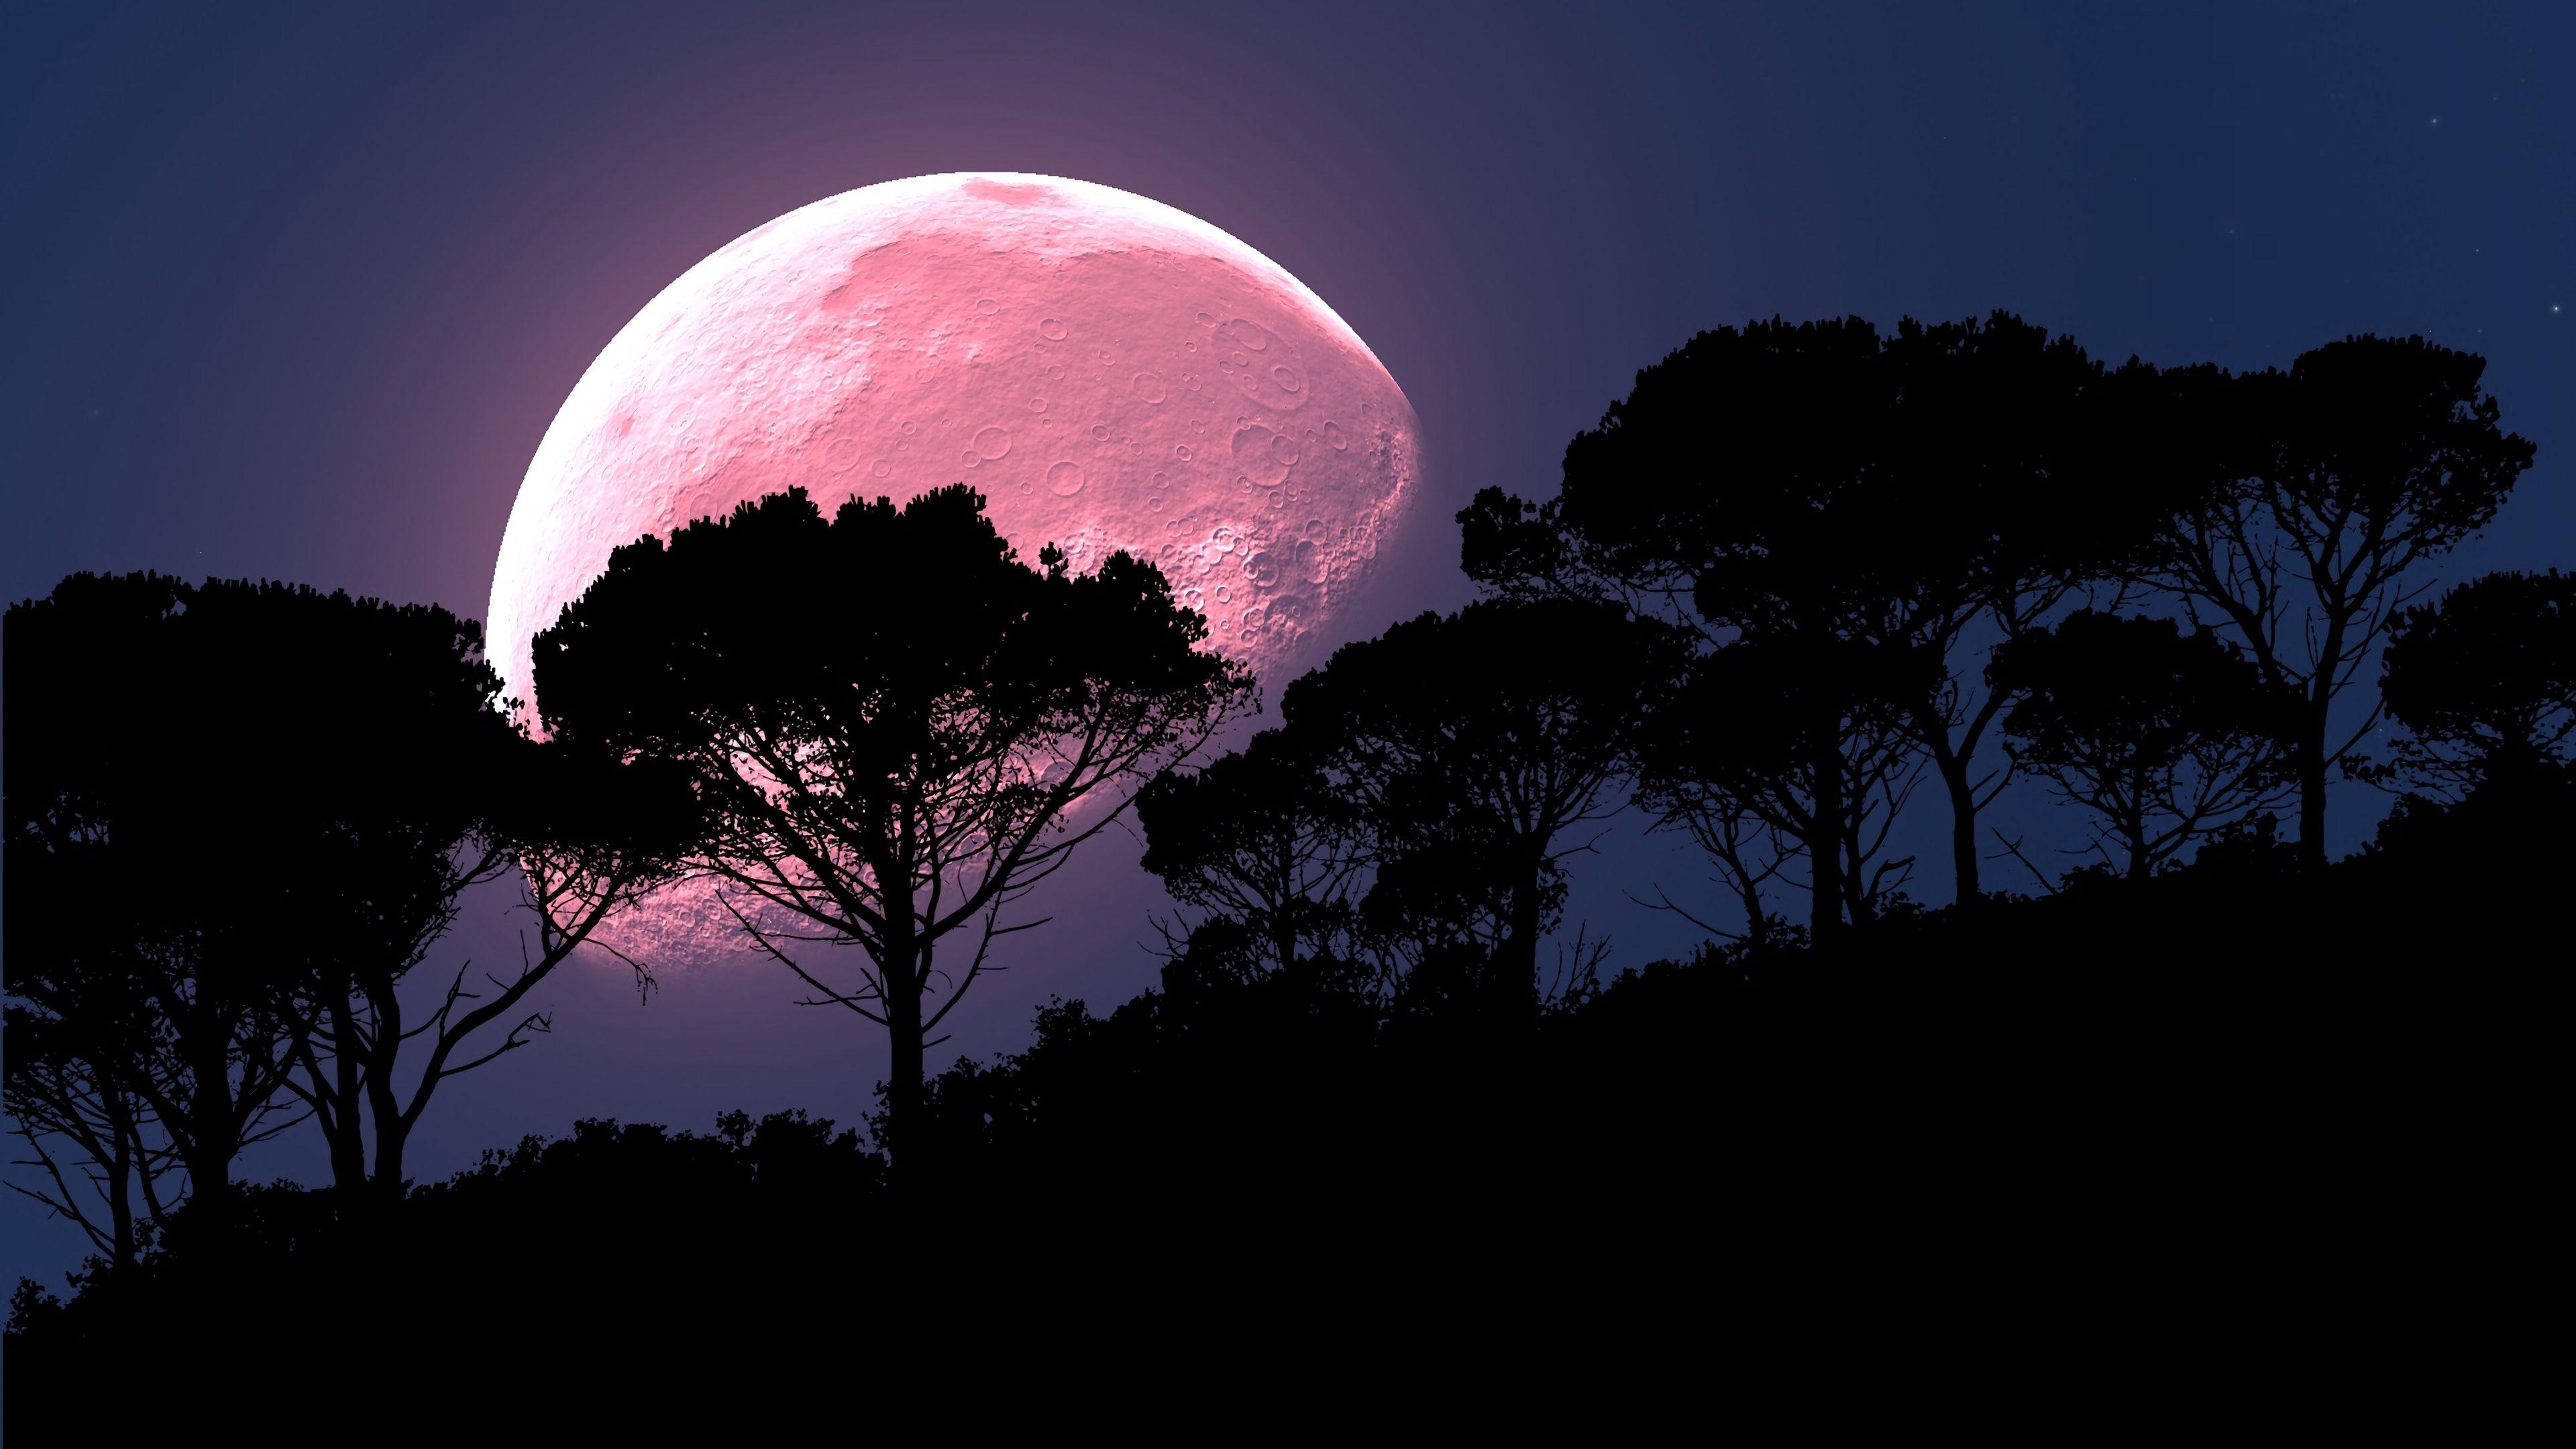 90928 скачать обои Темные, Луна, Дерево, Фотошоп, Ночь, Полнолуние, Планета - заставки и картинки бесплатно